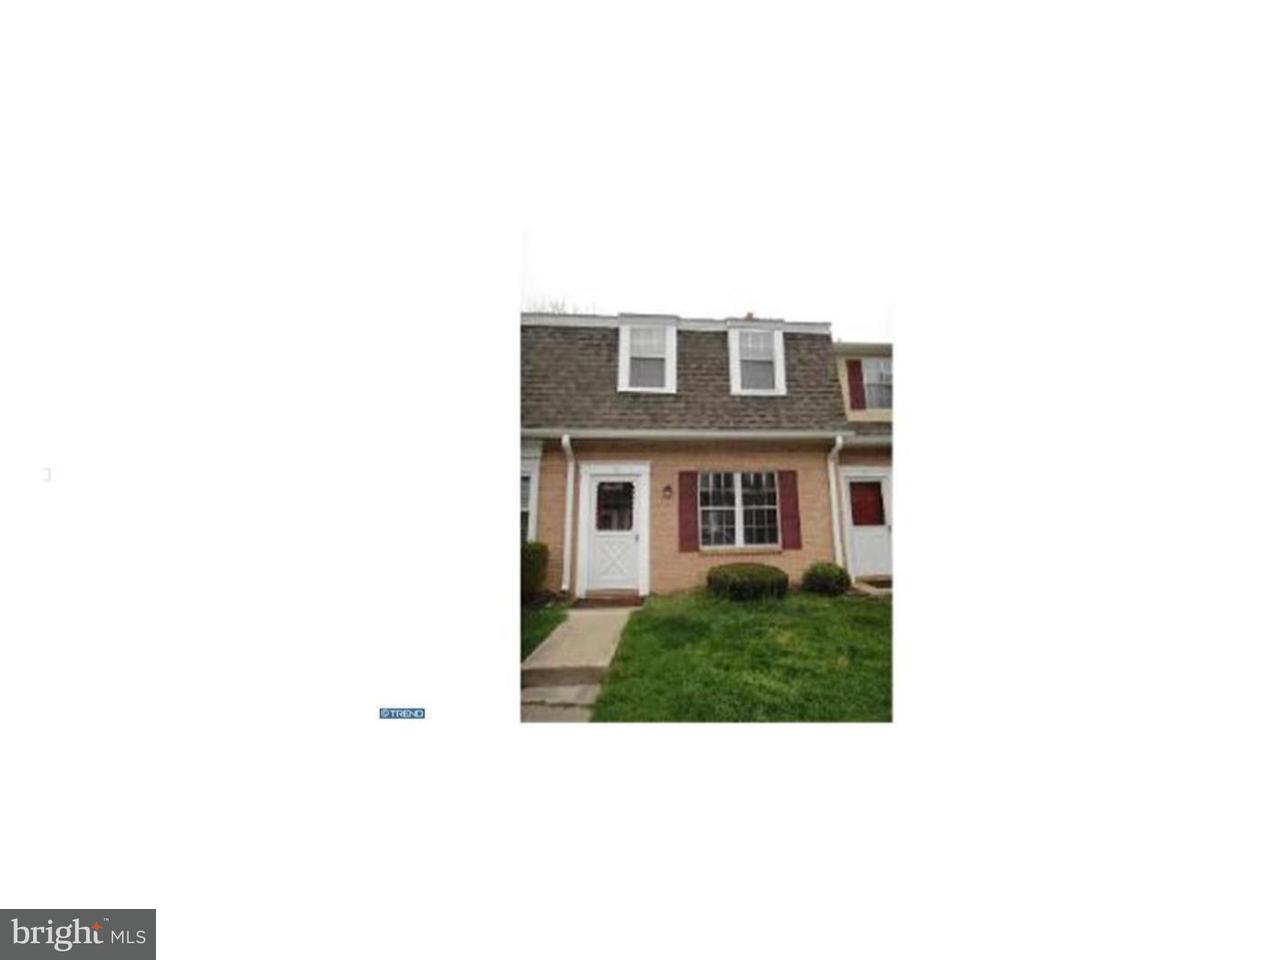 Casa unifamiliar adosada (Townhouse) por un Alquiler en 93 COUNTRY WALK Devon, Pennsylvania 19333 Estados Unidos